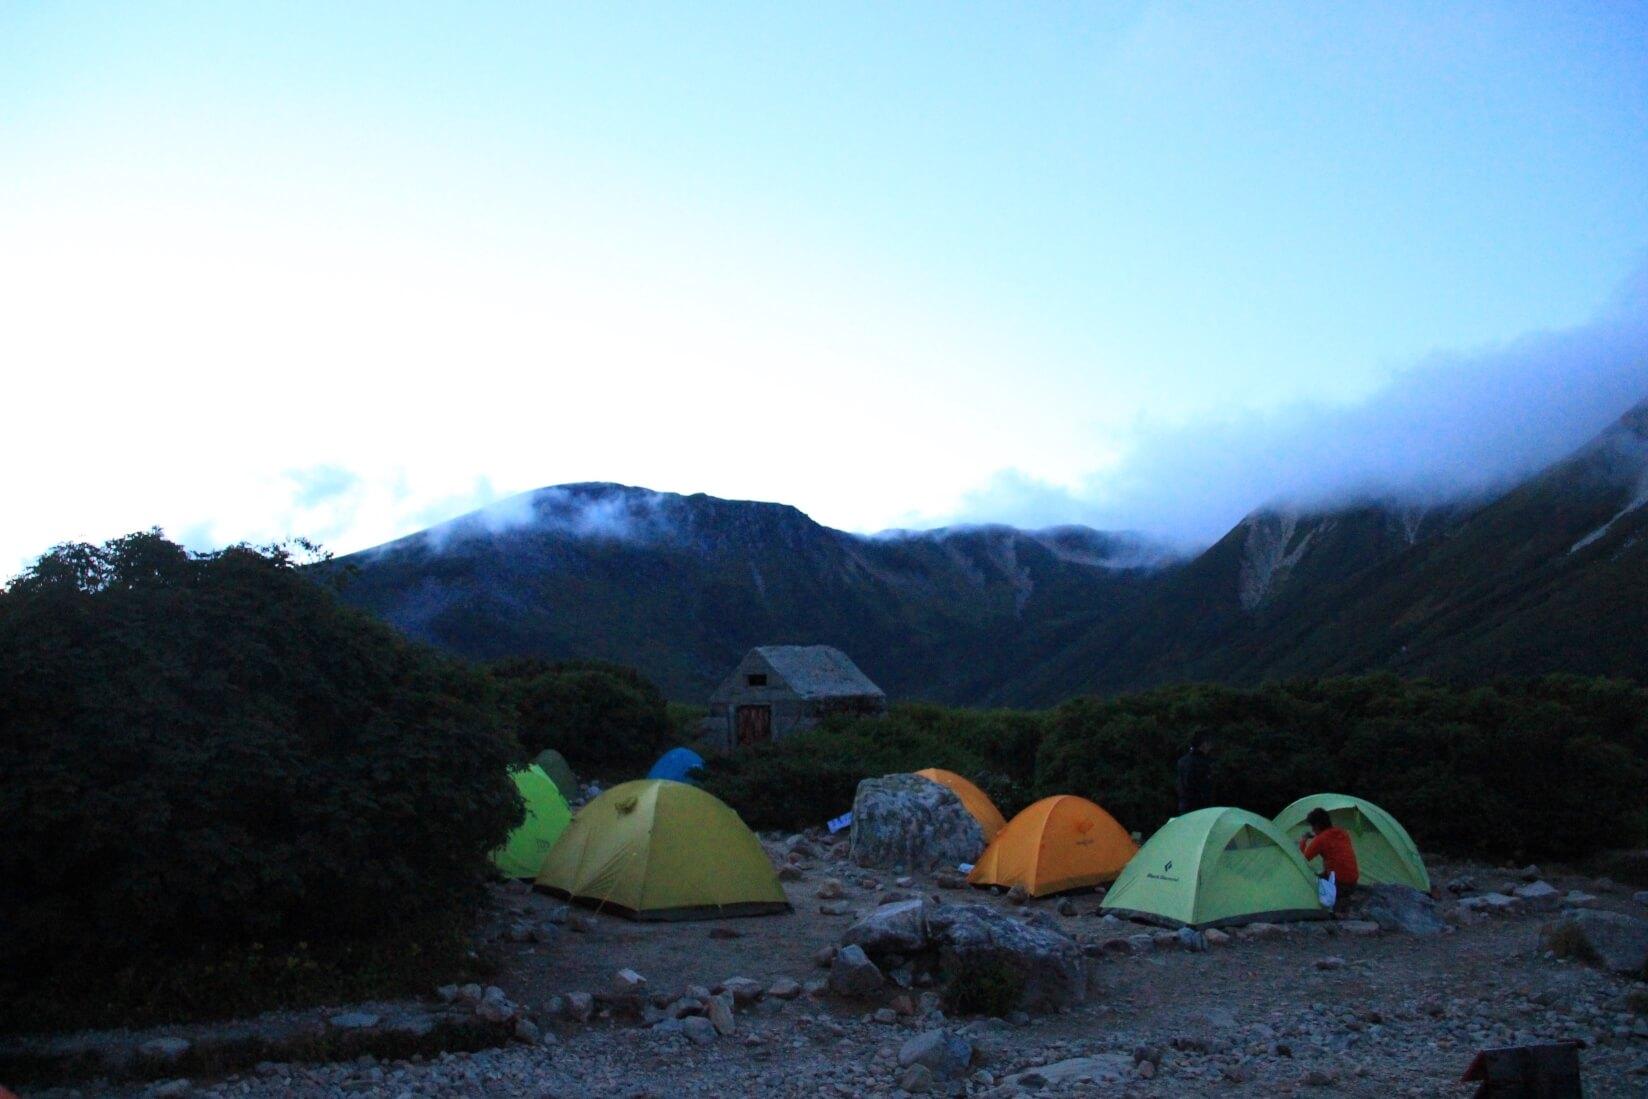 夕方の三俣蓮華岳キャンプ場